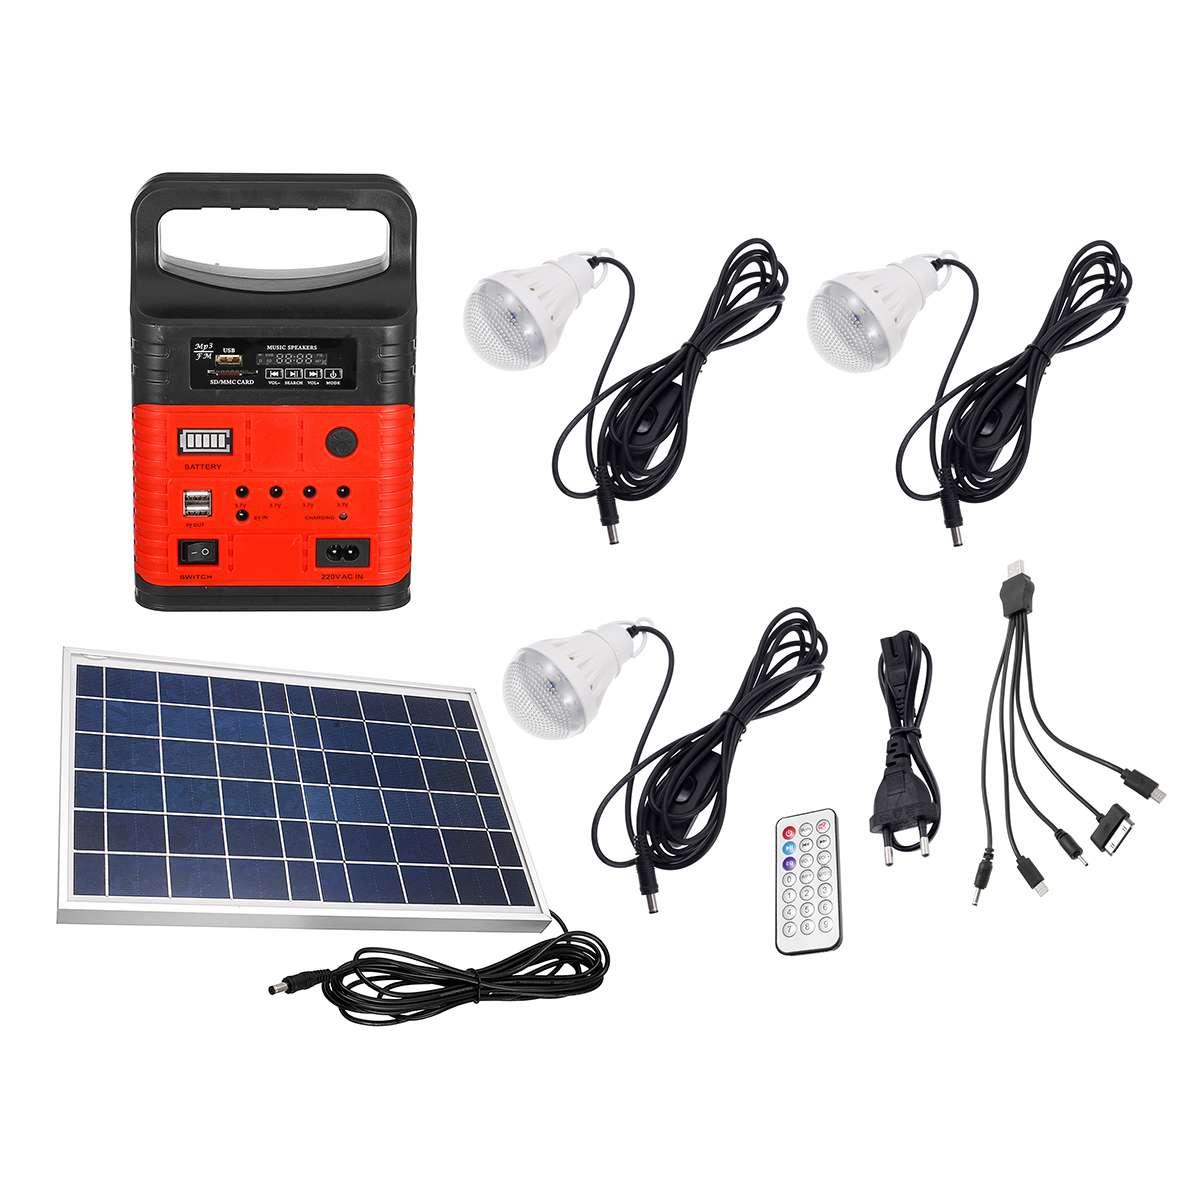 7500 mAh Portable LED d'urgence MP3 FM panneau solaire éclairage de charge système alimenté lampe de poche solaire Mobile Radio de puissance